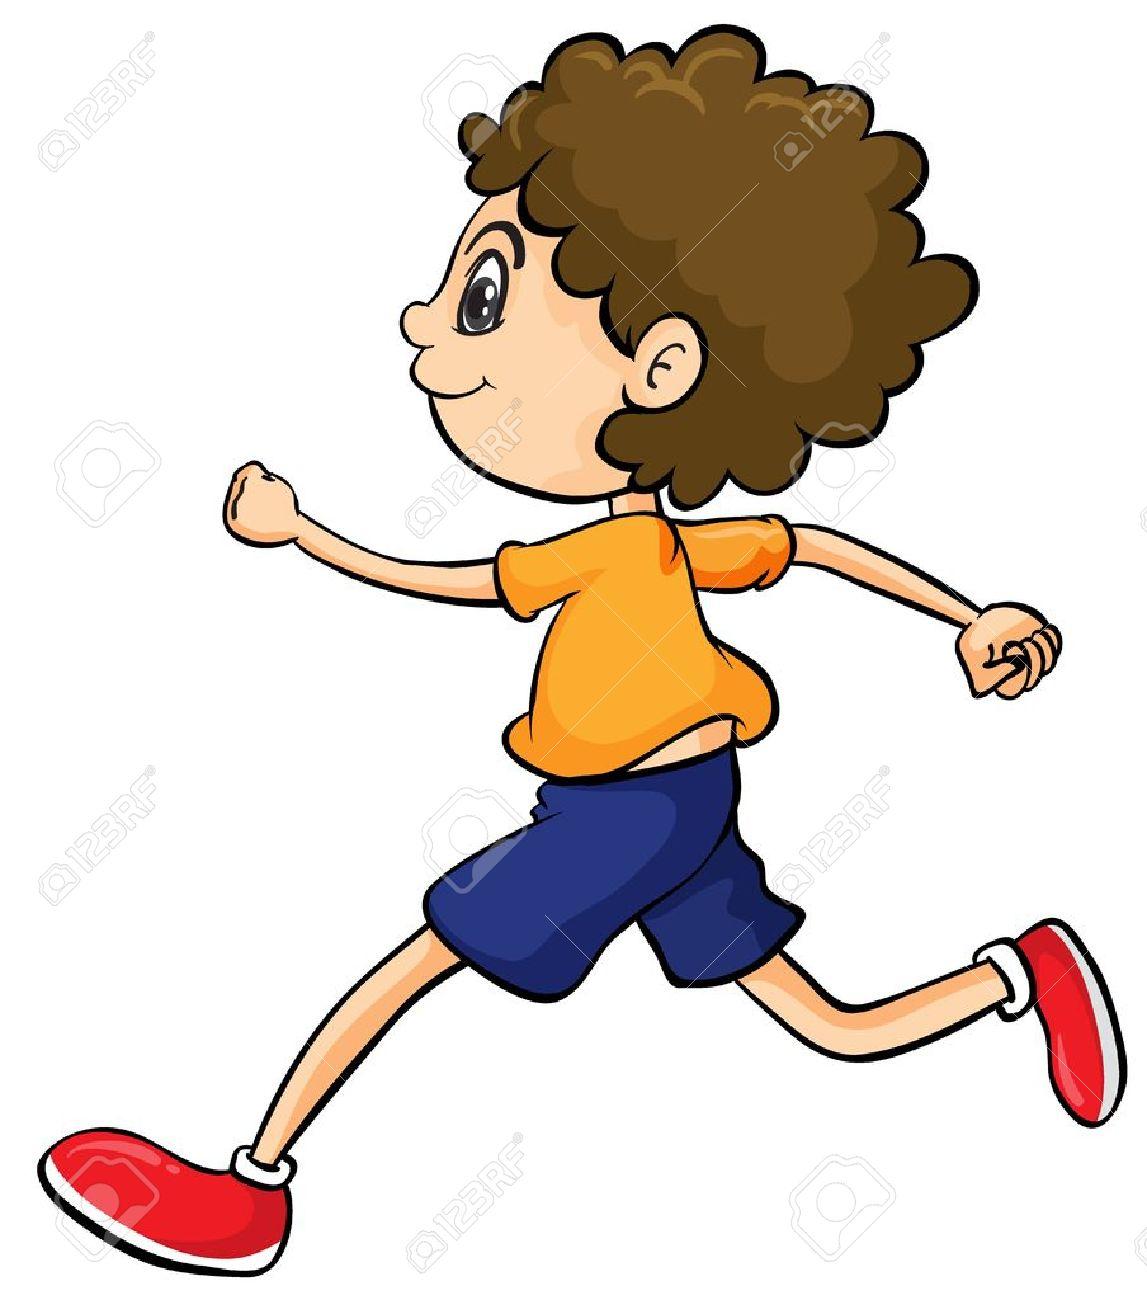 date de sortie a3179 e6469 Illustration d'un garçon de courir sur un fond blanc